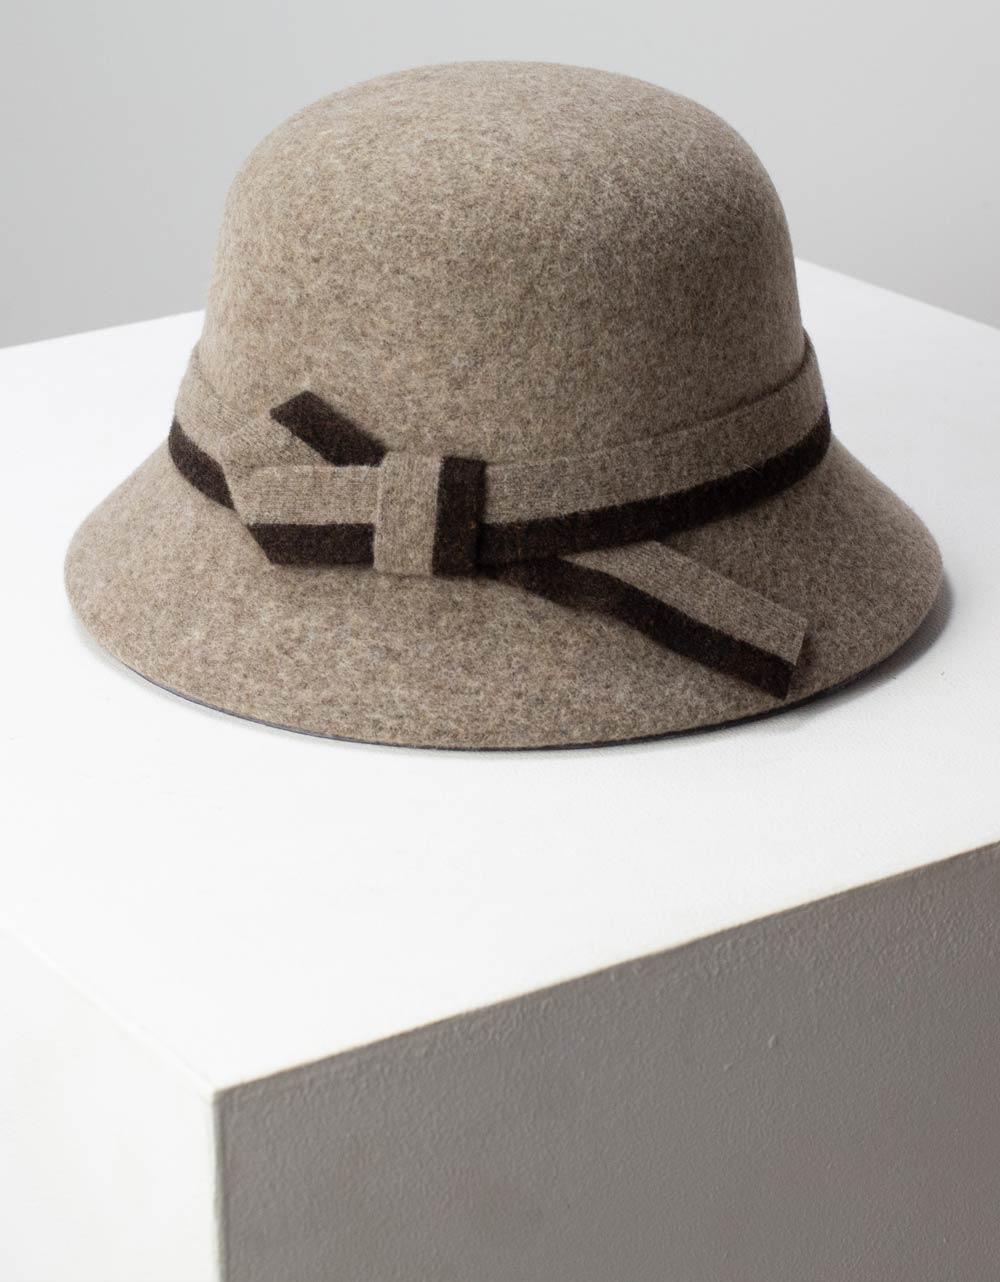 Εικόνα από Γυναικεία καπέλα με κορδέλα Πούρο